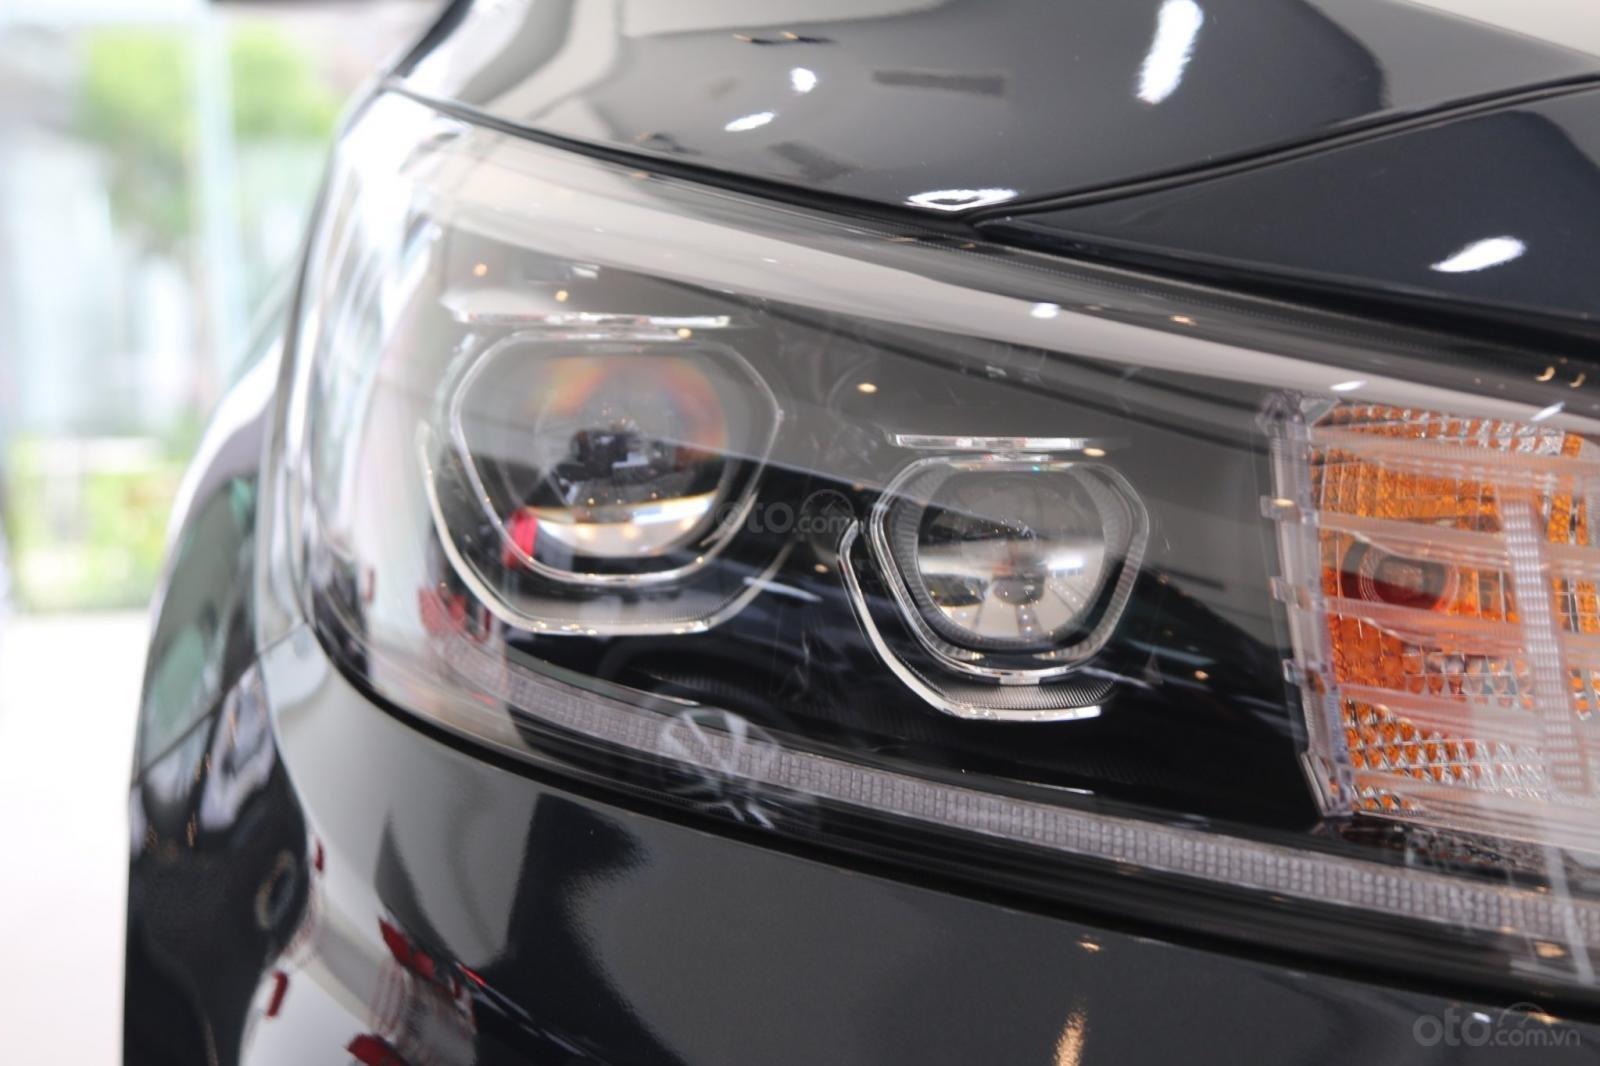 Kia Sedona - giảm giá tiền mặt / tặng bảo hiểm + camera hành trình - liên hệ PKD Kia Bình Tân 093 317 0660 (12)